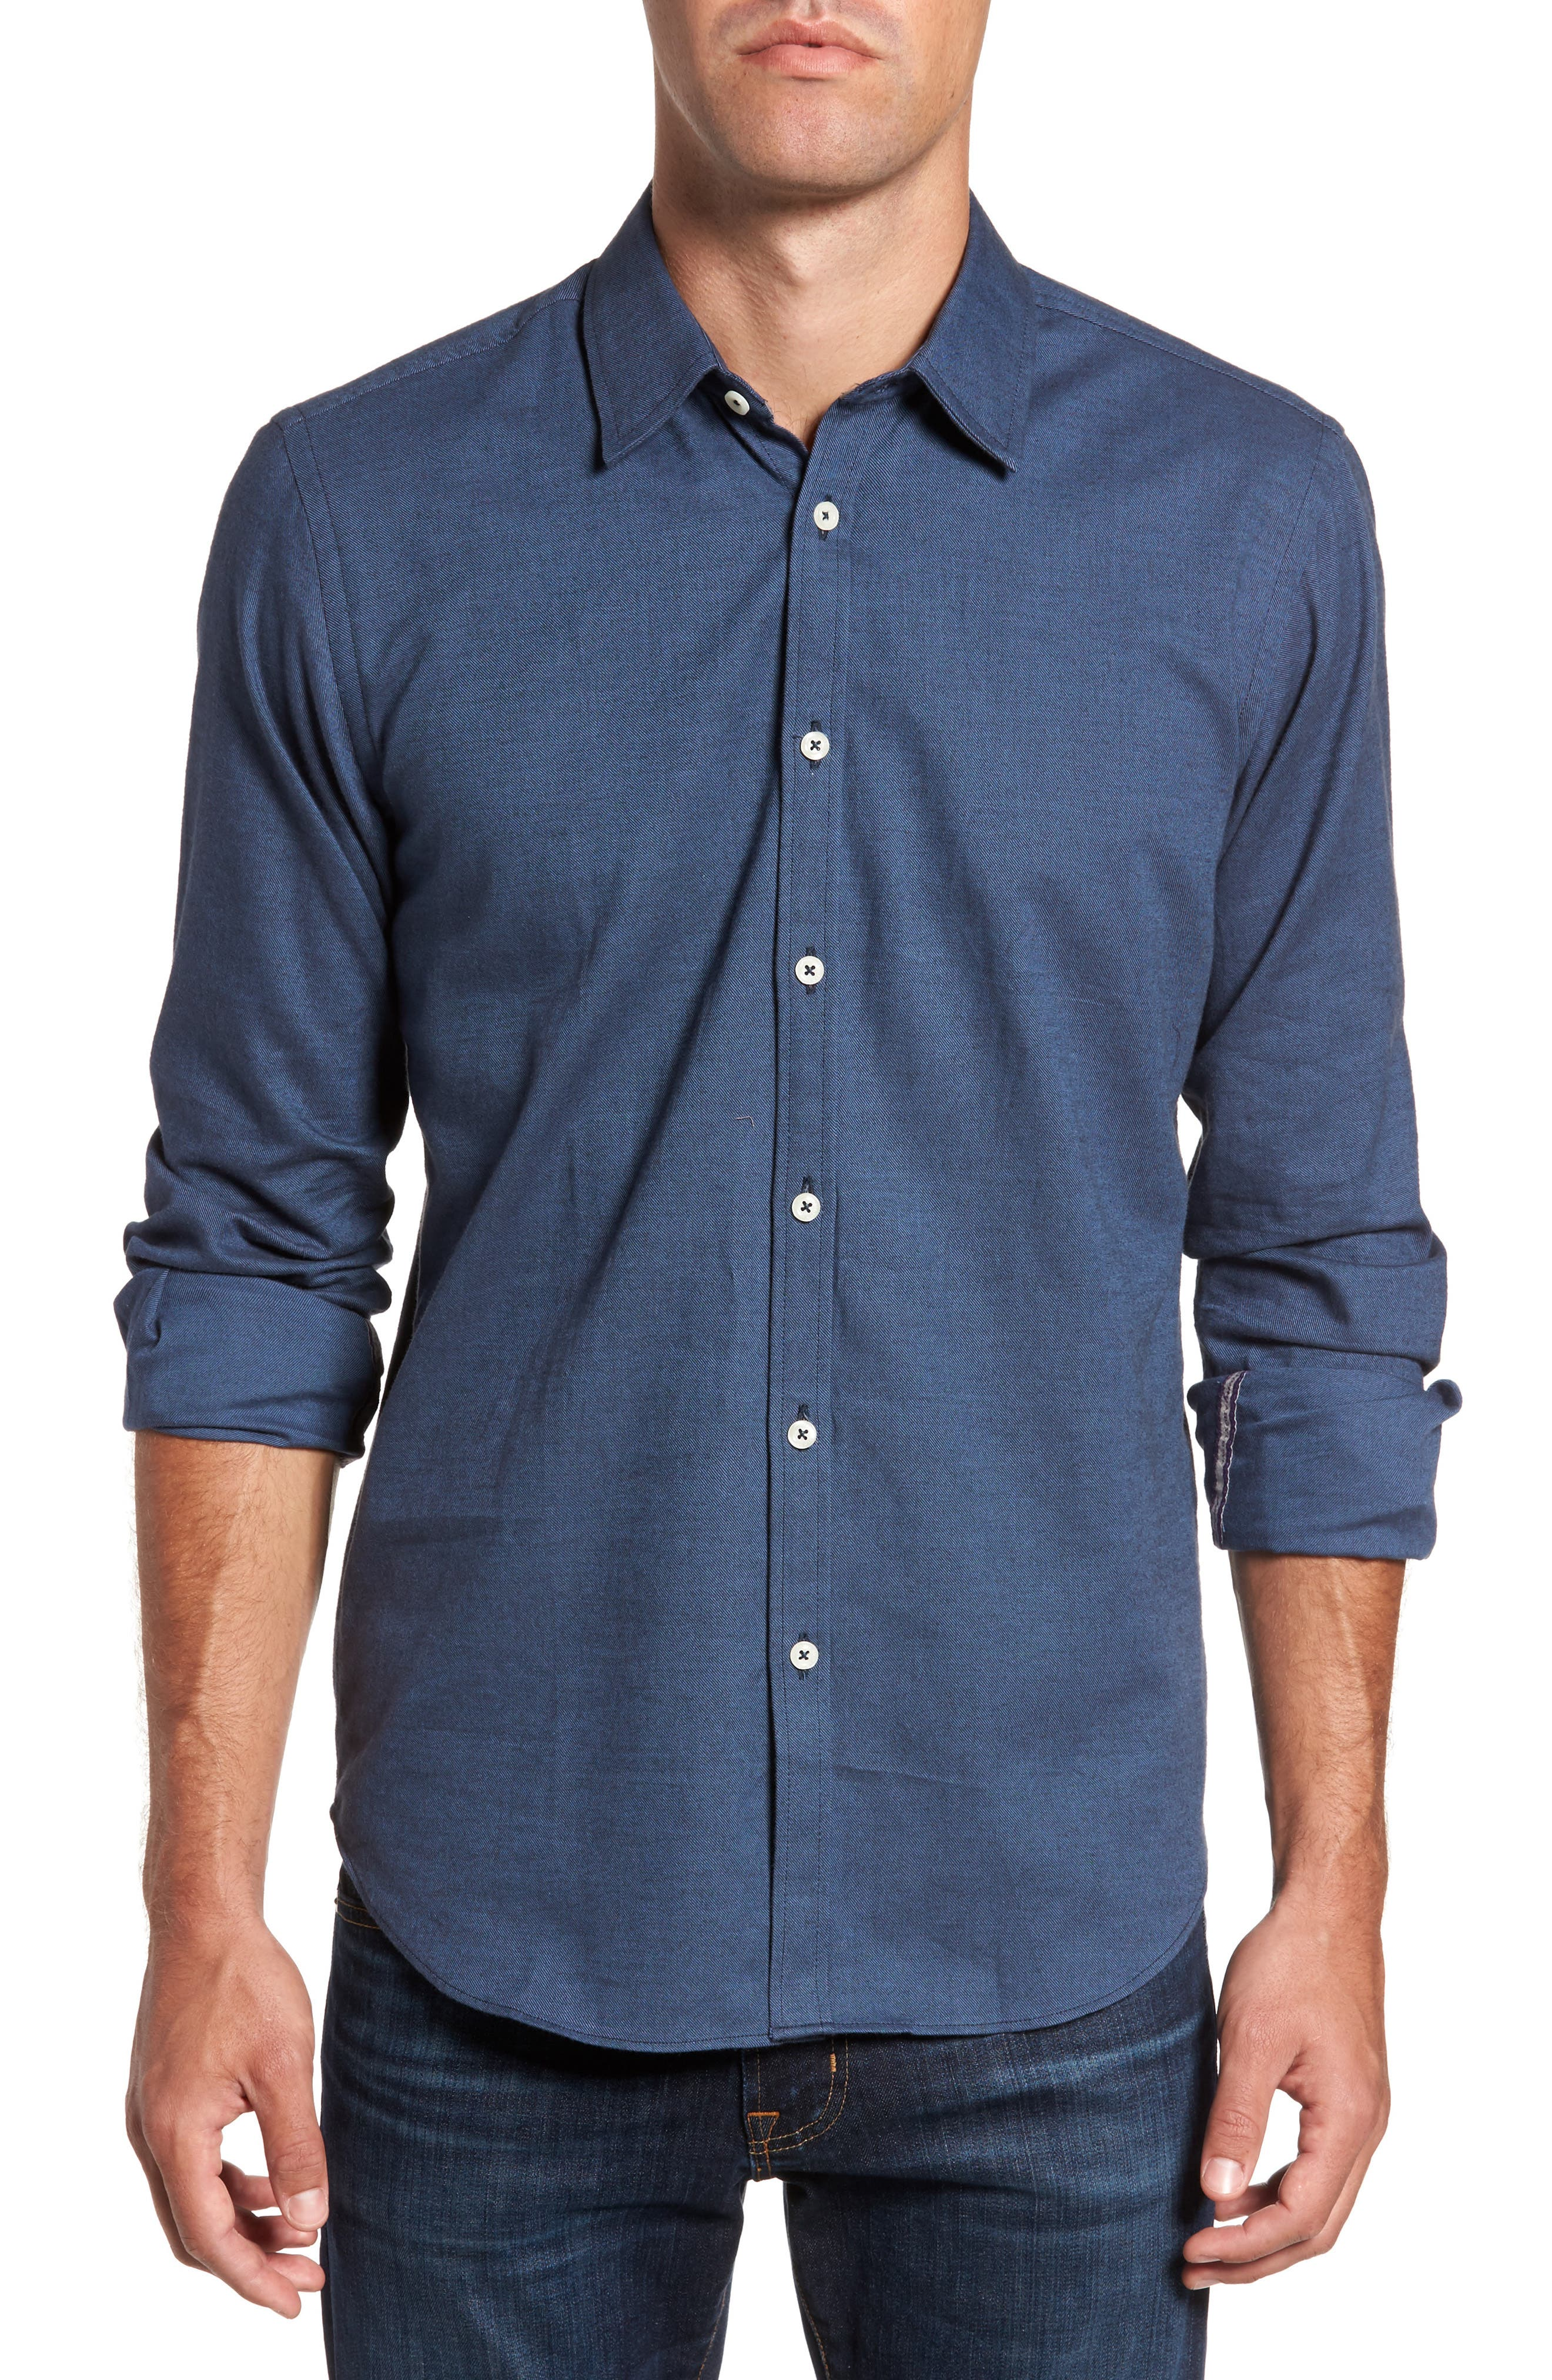 Alternate Image 1 Selected - Jeremy Argyle Slim Fit Solid Sport Shirt